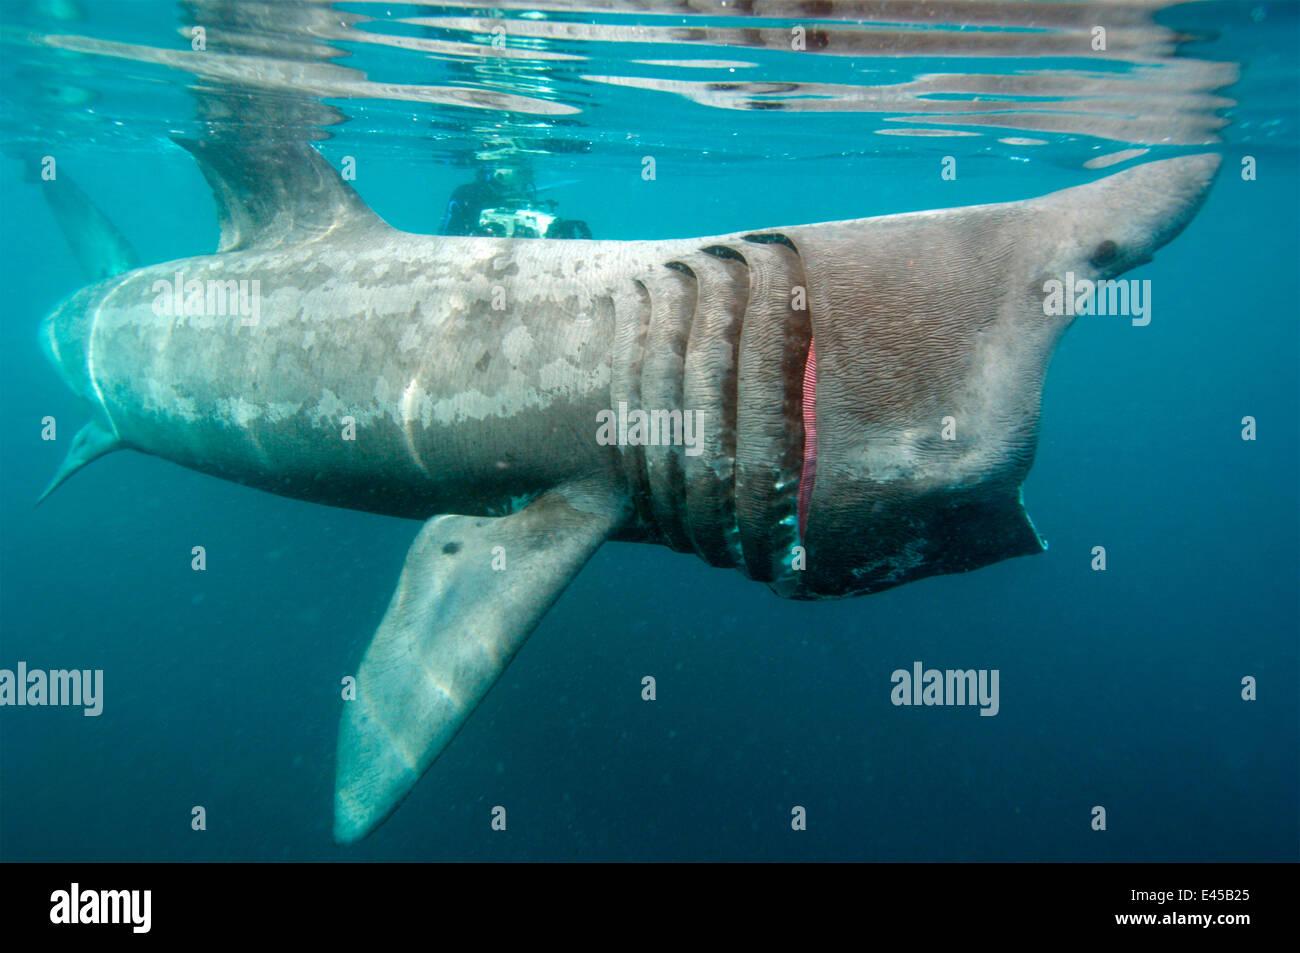 Basking shark {Cetorhinus maximus} feeding, UK mouth open - Stock Image